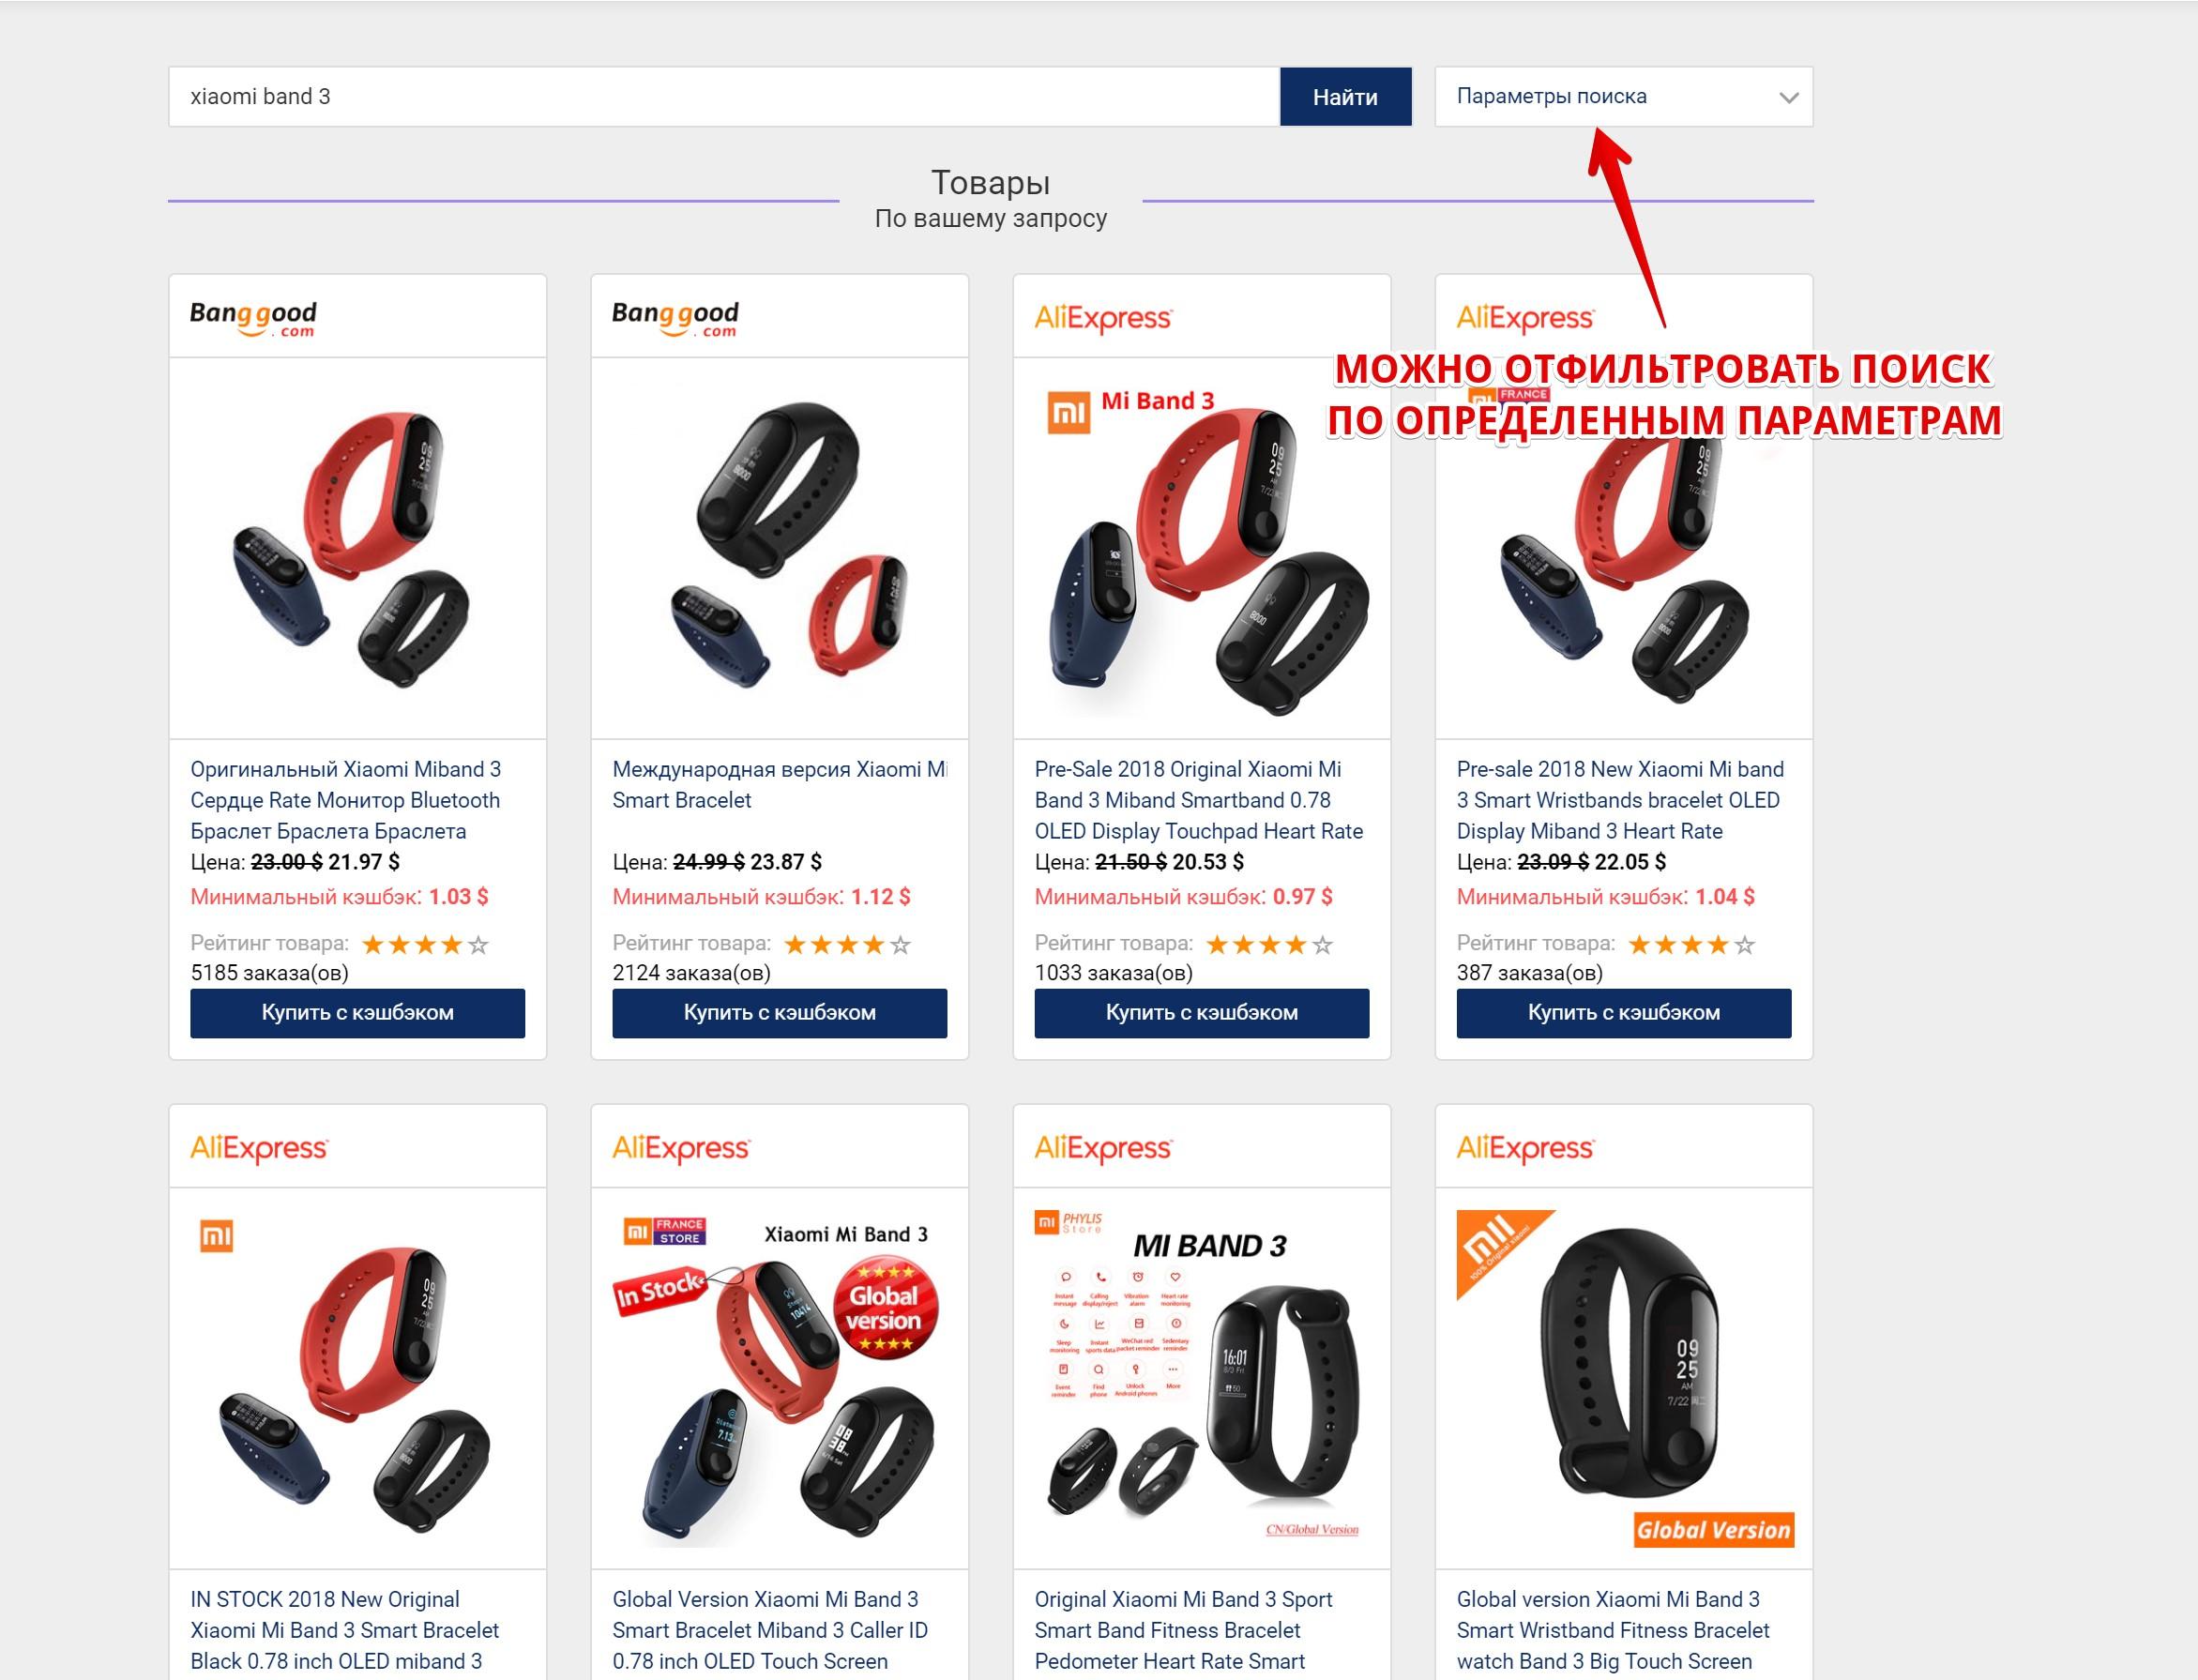 кэшбэк ePN поможет сравнить ценник на один и тот же товар в разных магазинах